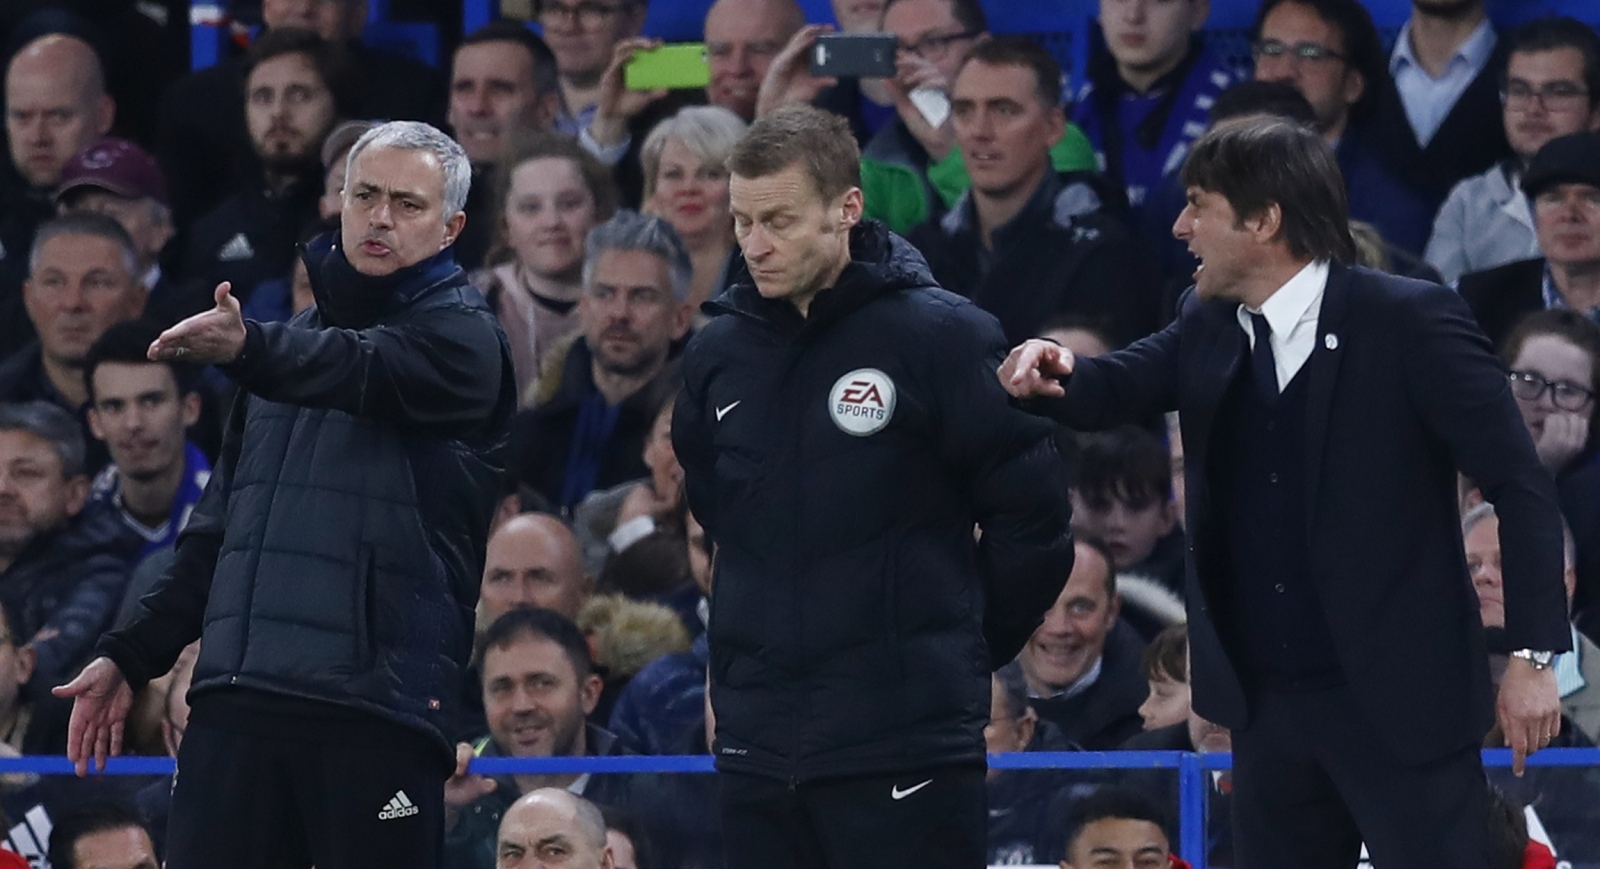 Mourinho and Conte